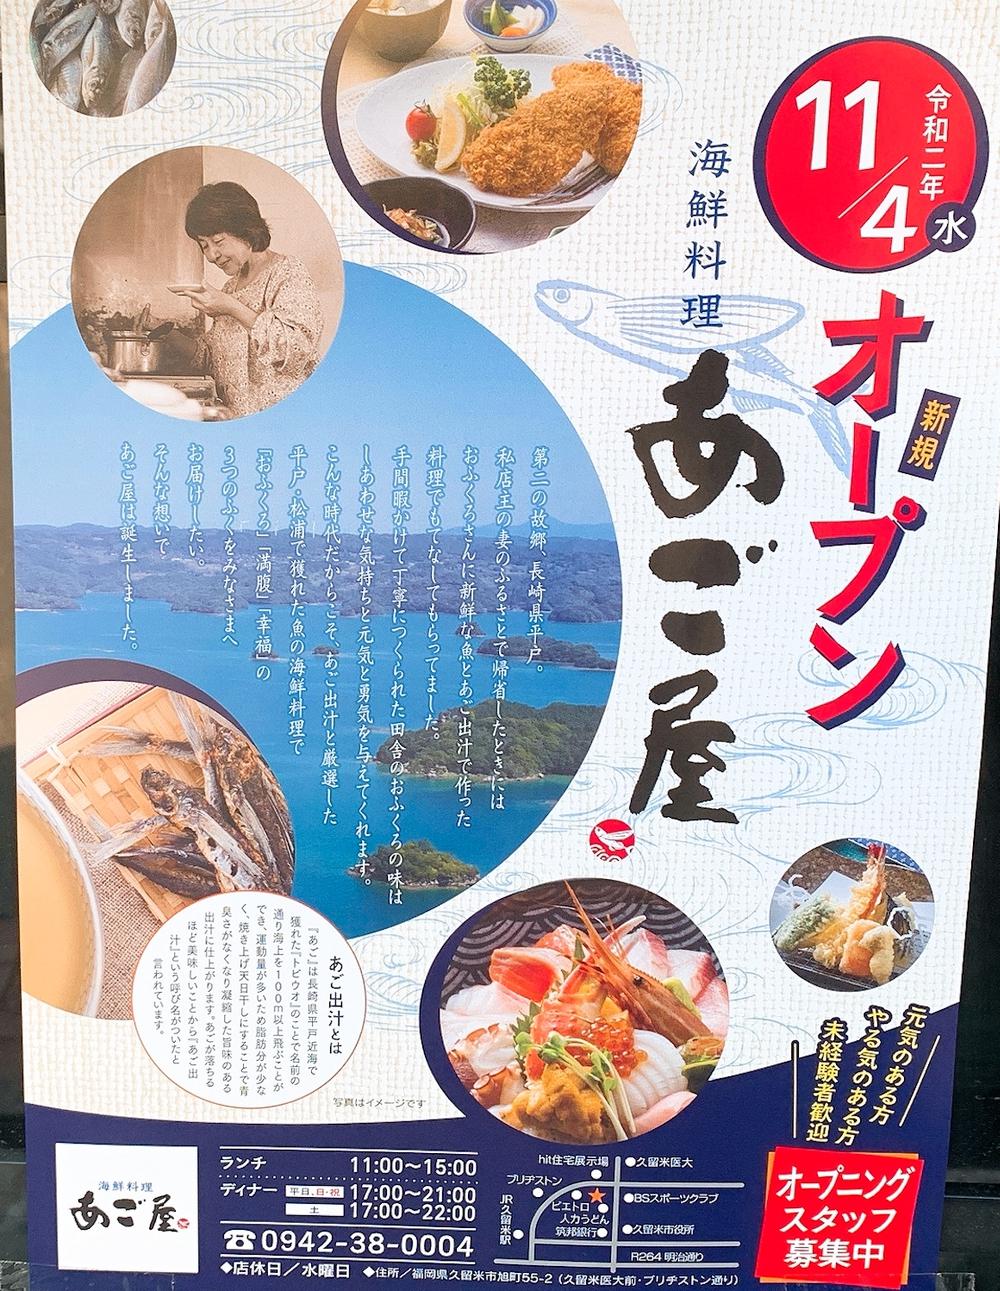 海鮮料理あご屋 11月4日オープン!